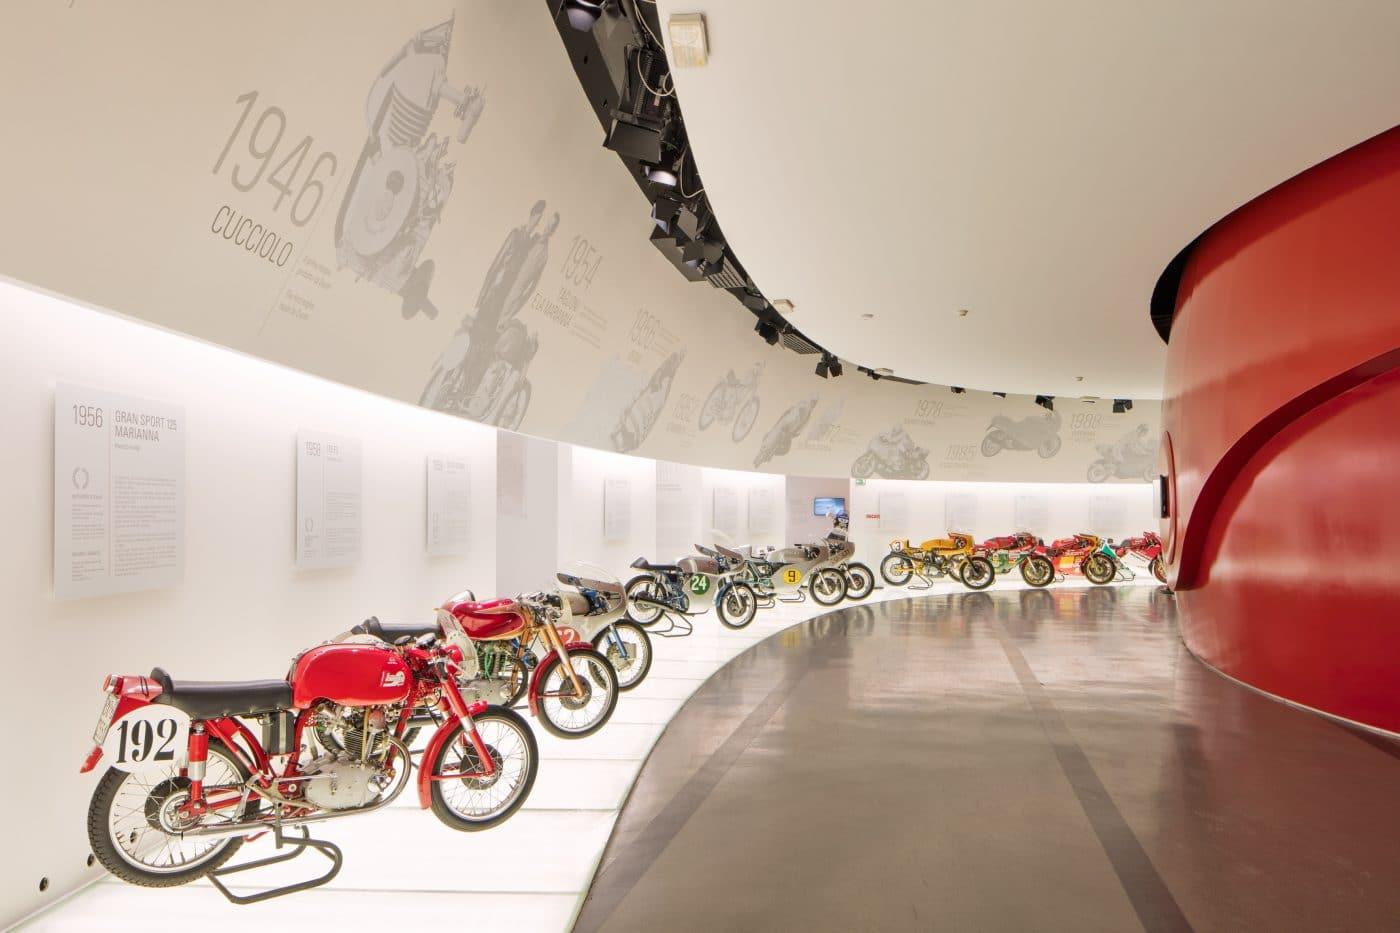 Een digitaal rondje in het Ducati museum